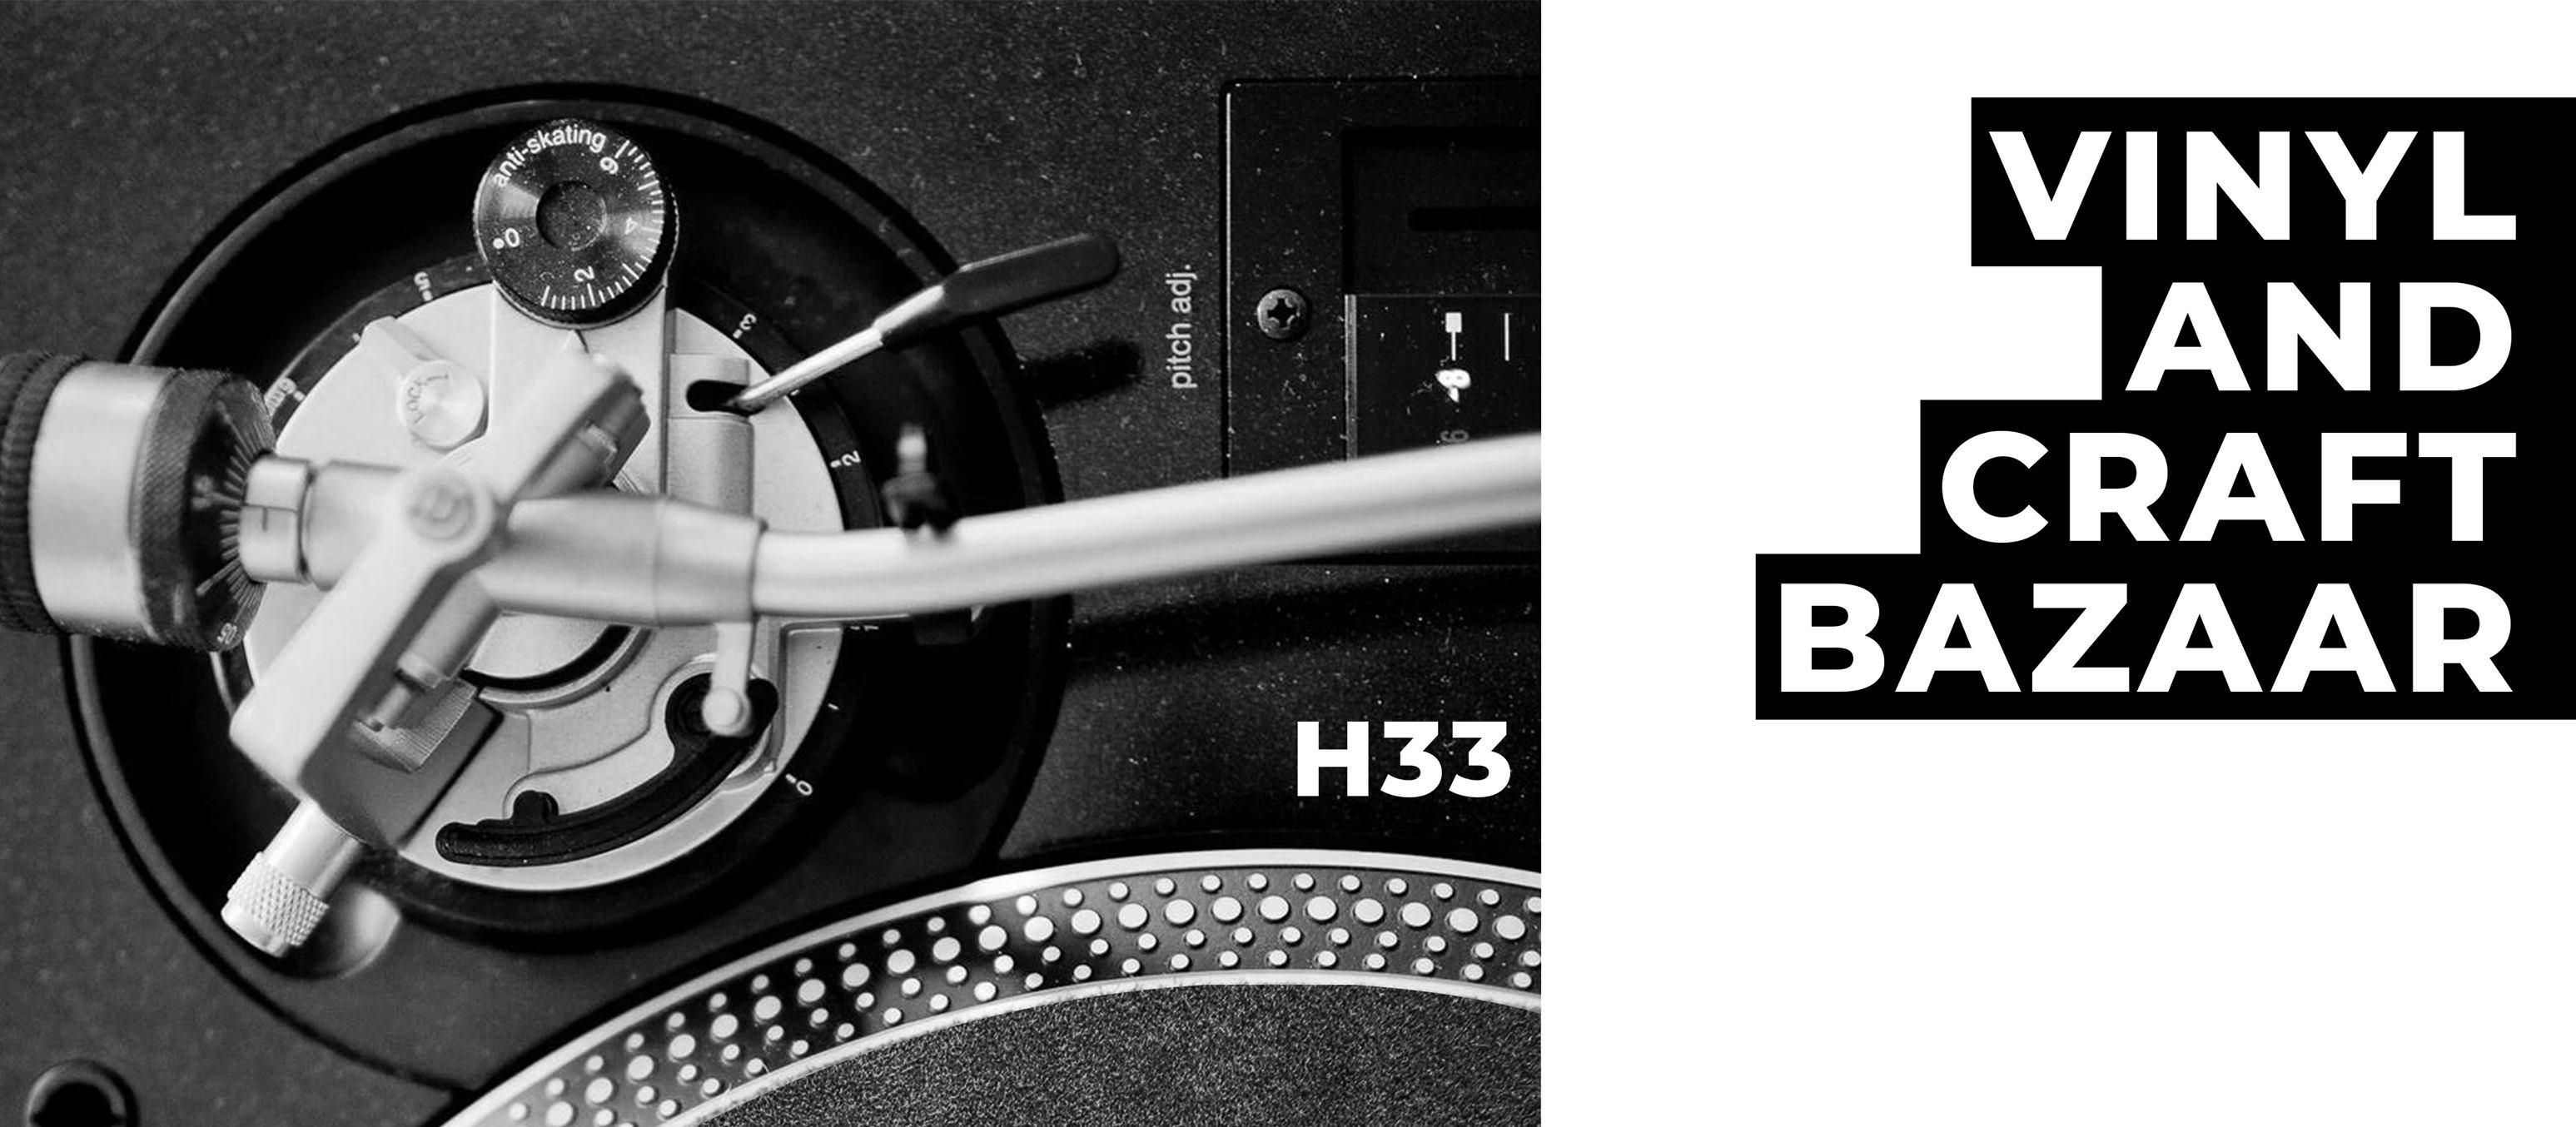 Vinyl & Craft Bazaar @ H33